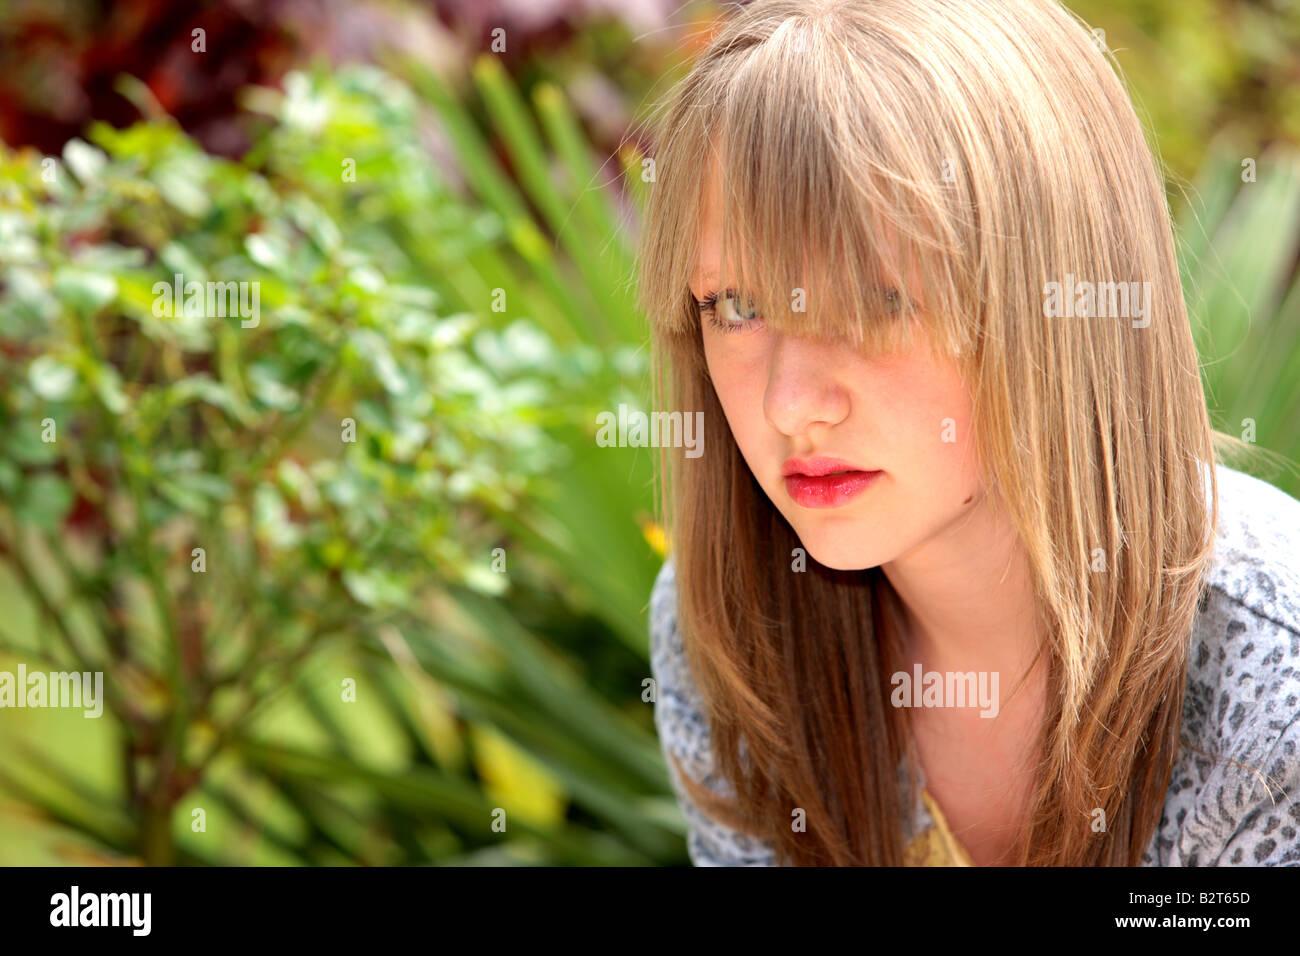 shy-teenager-girl